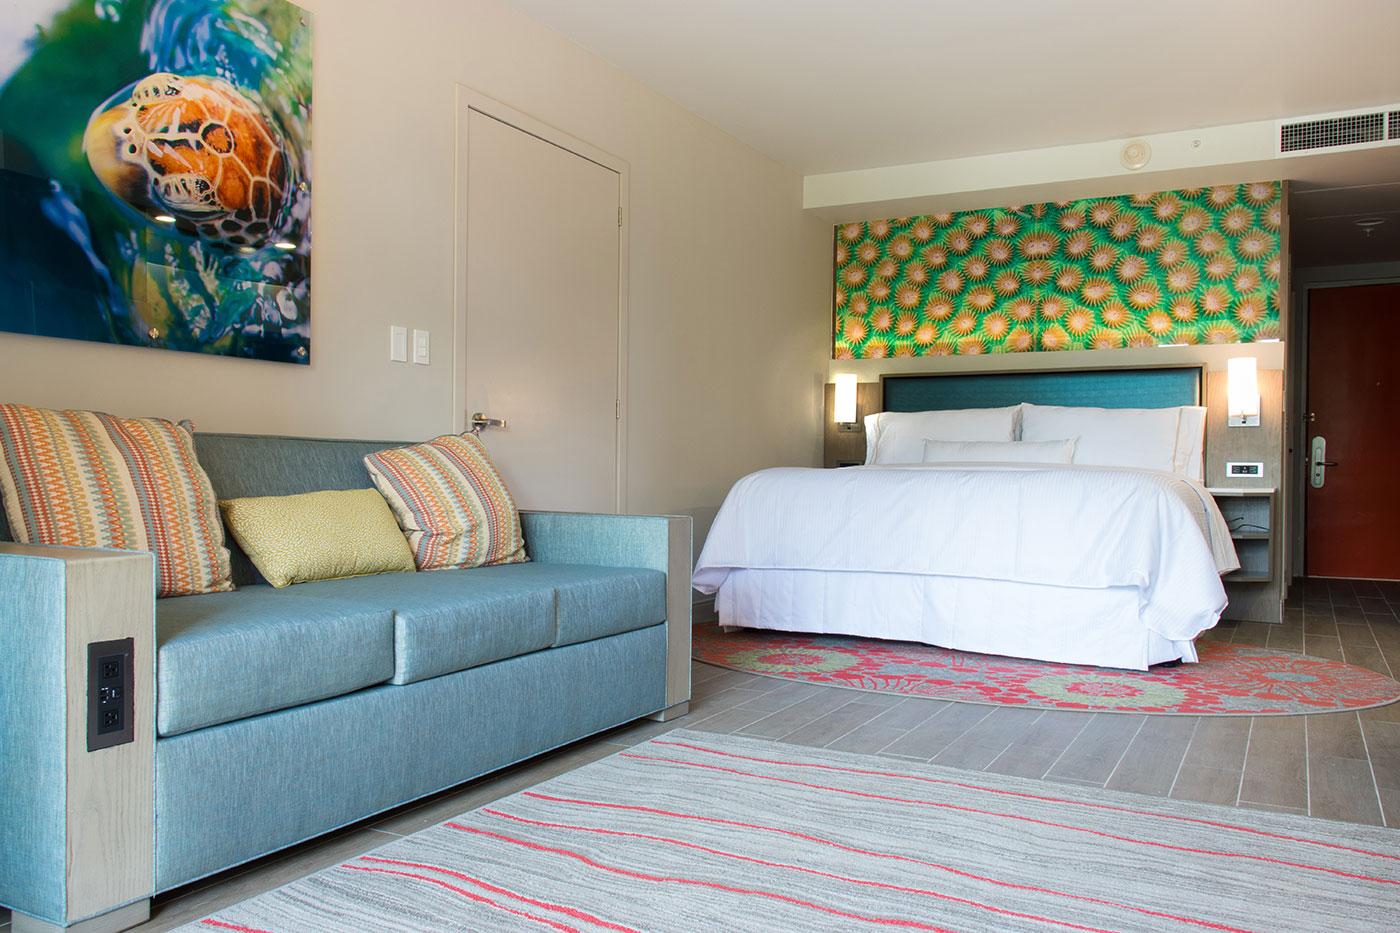 Proyectos SPAD Constructora, Remodelación de habitaciones Westin, Sillon y cama decoración, Diseño de Interiores, Arquitectura, Puerto Vallarta, Jalisco, México